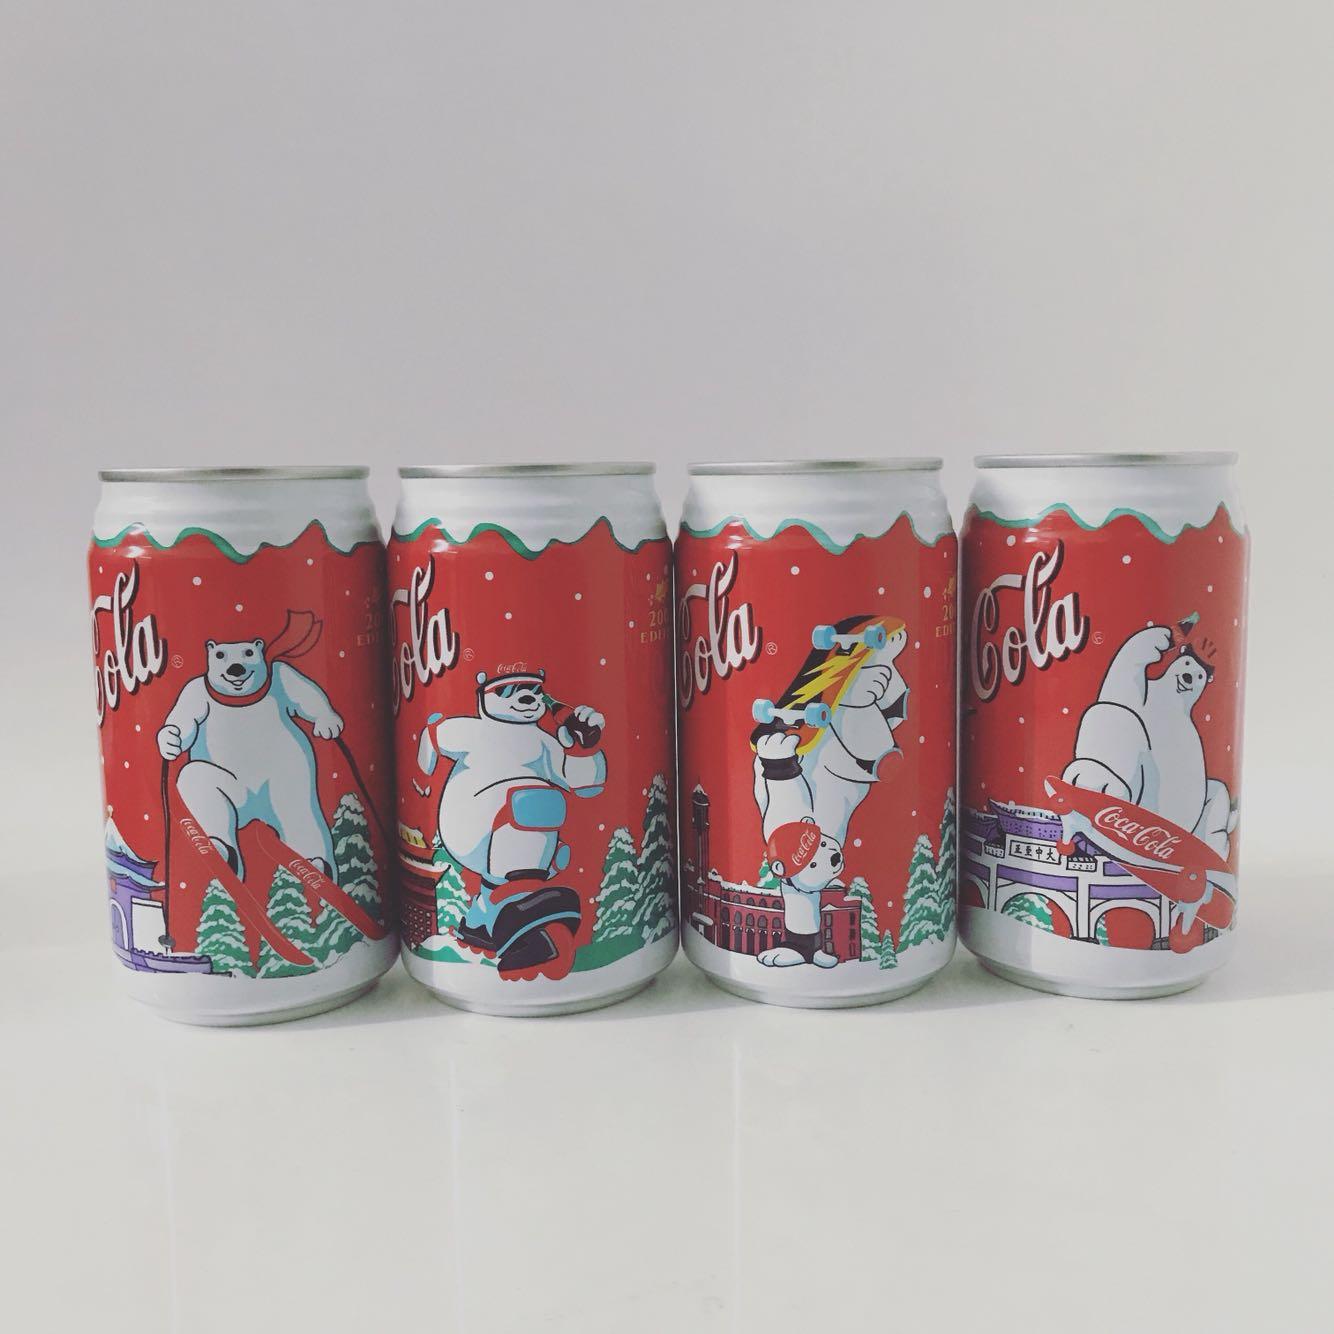 2002 Рождество Тайвань Кока-кола Мемориальный ящик